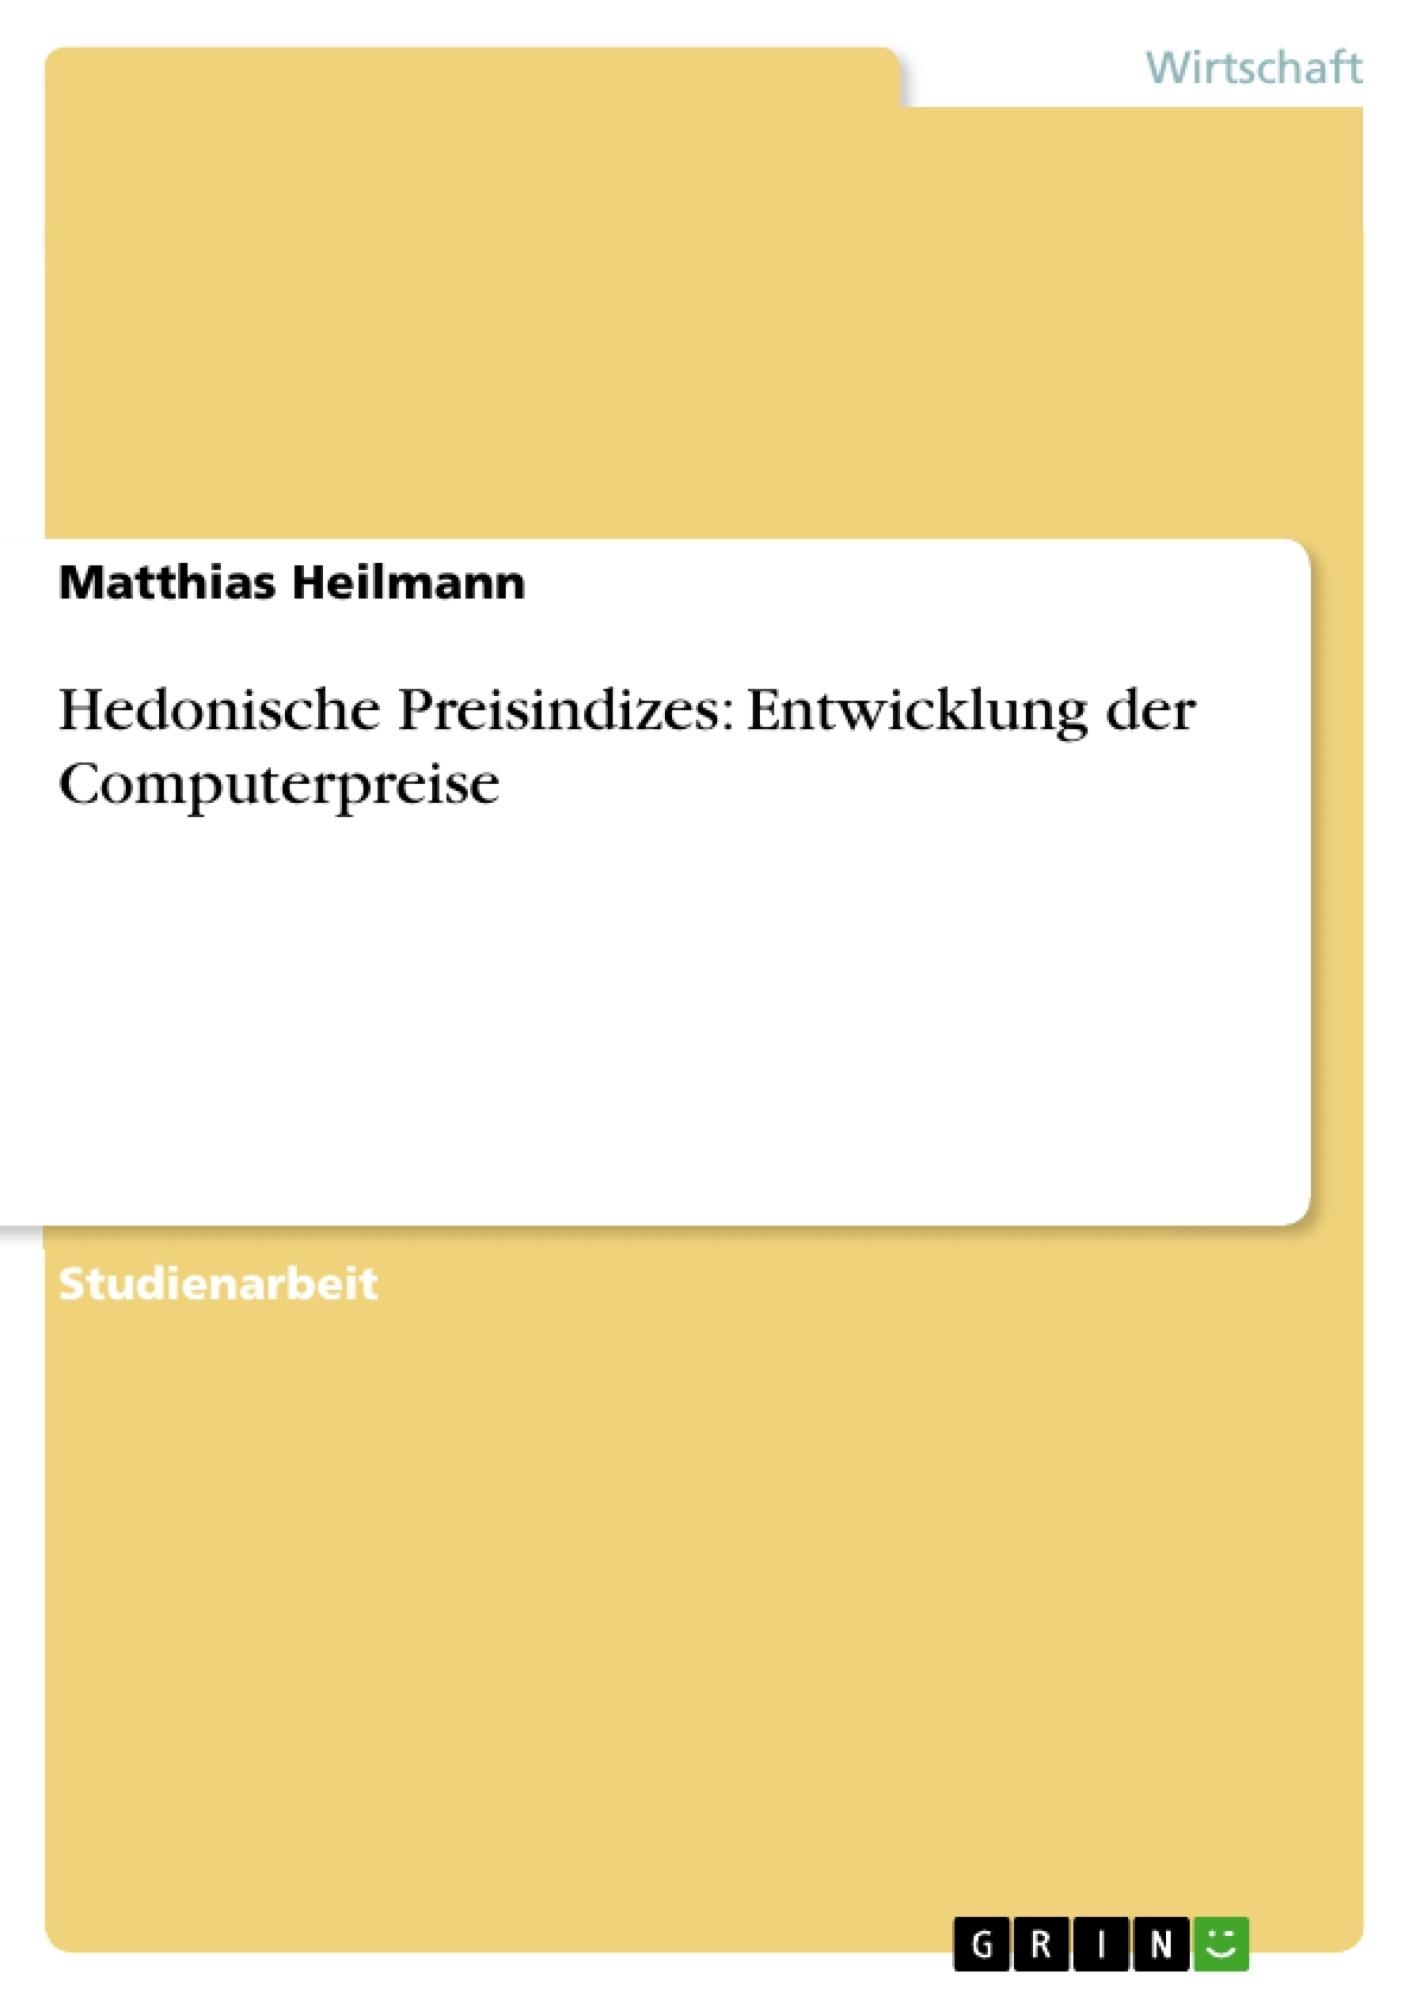 Titel: Hedonische Preisindizes: Entwicklung der Computerpreise